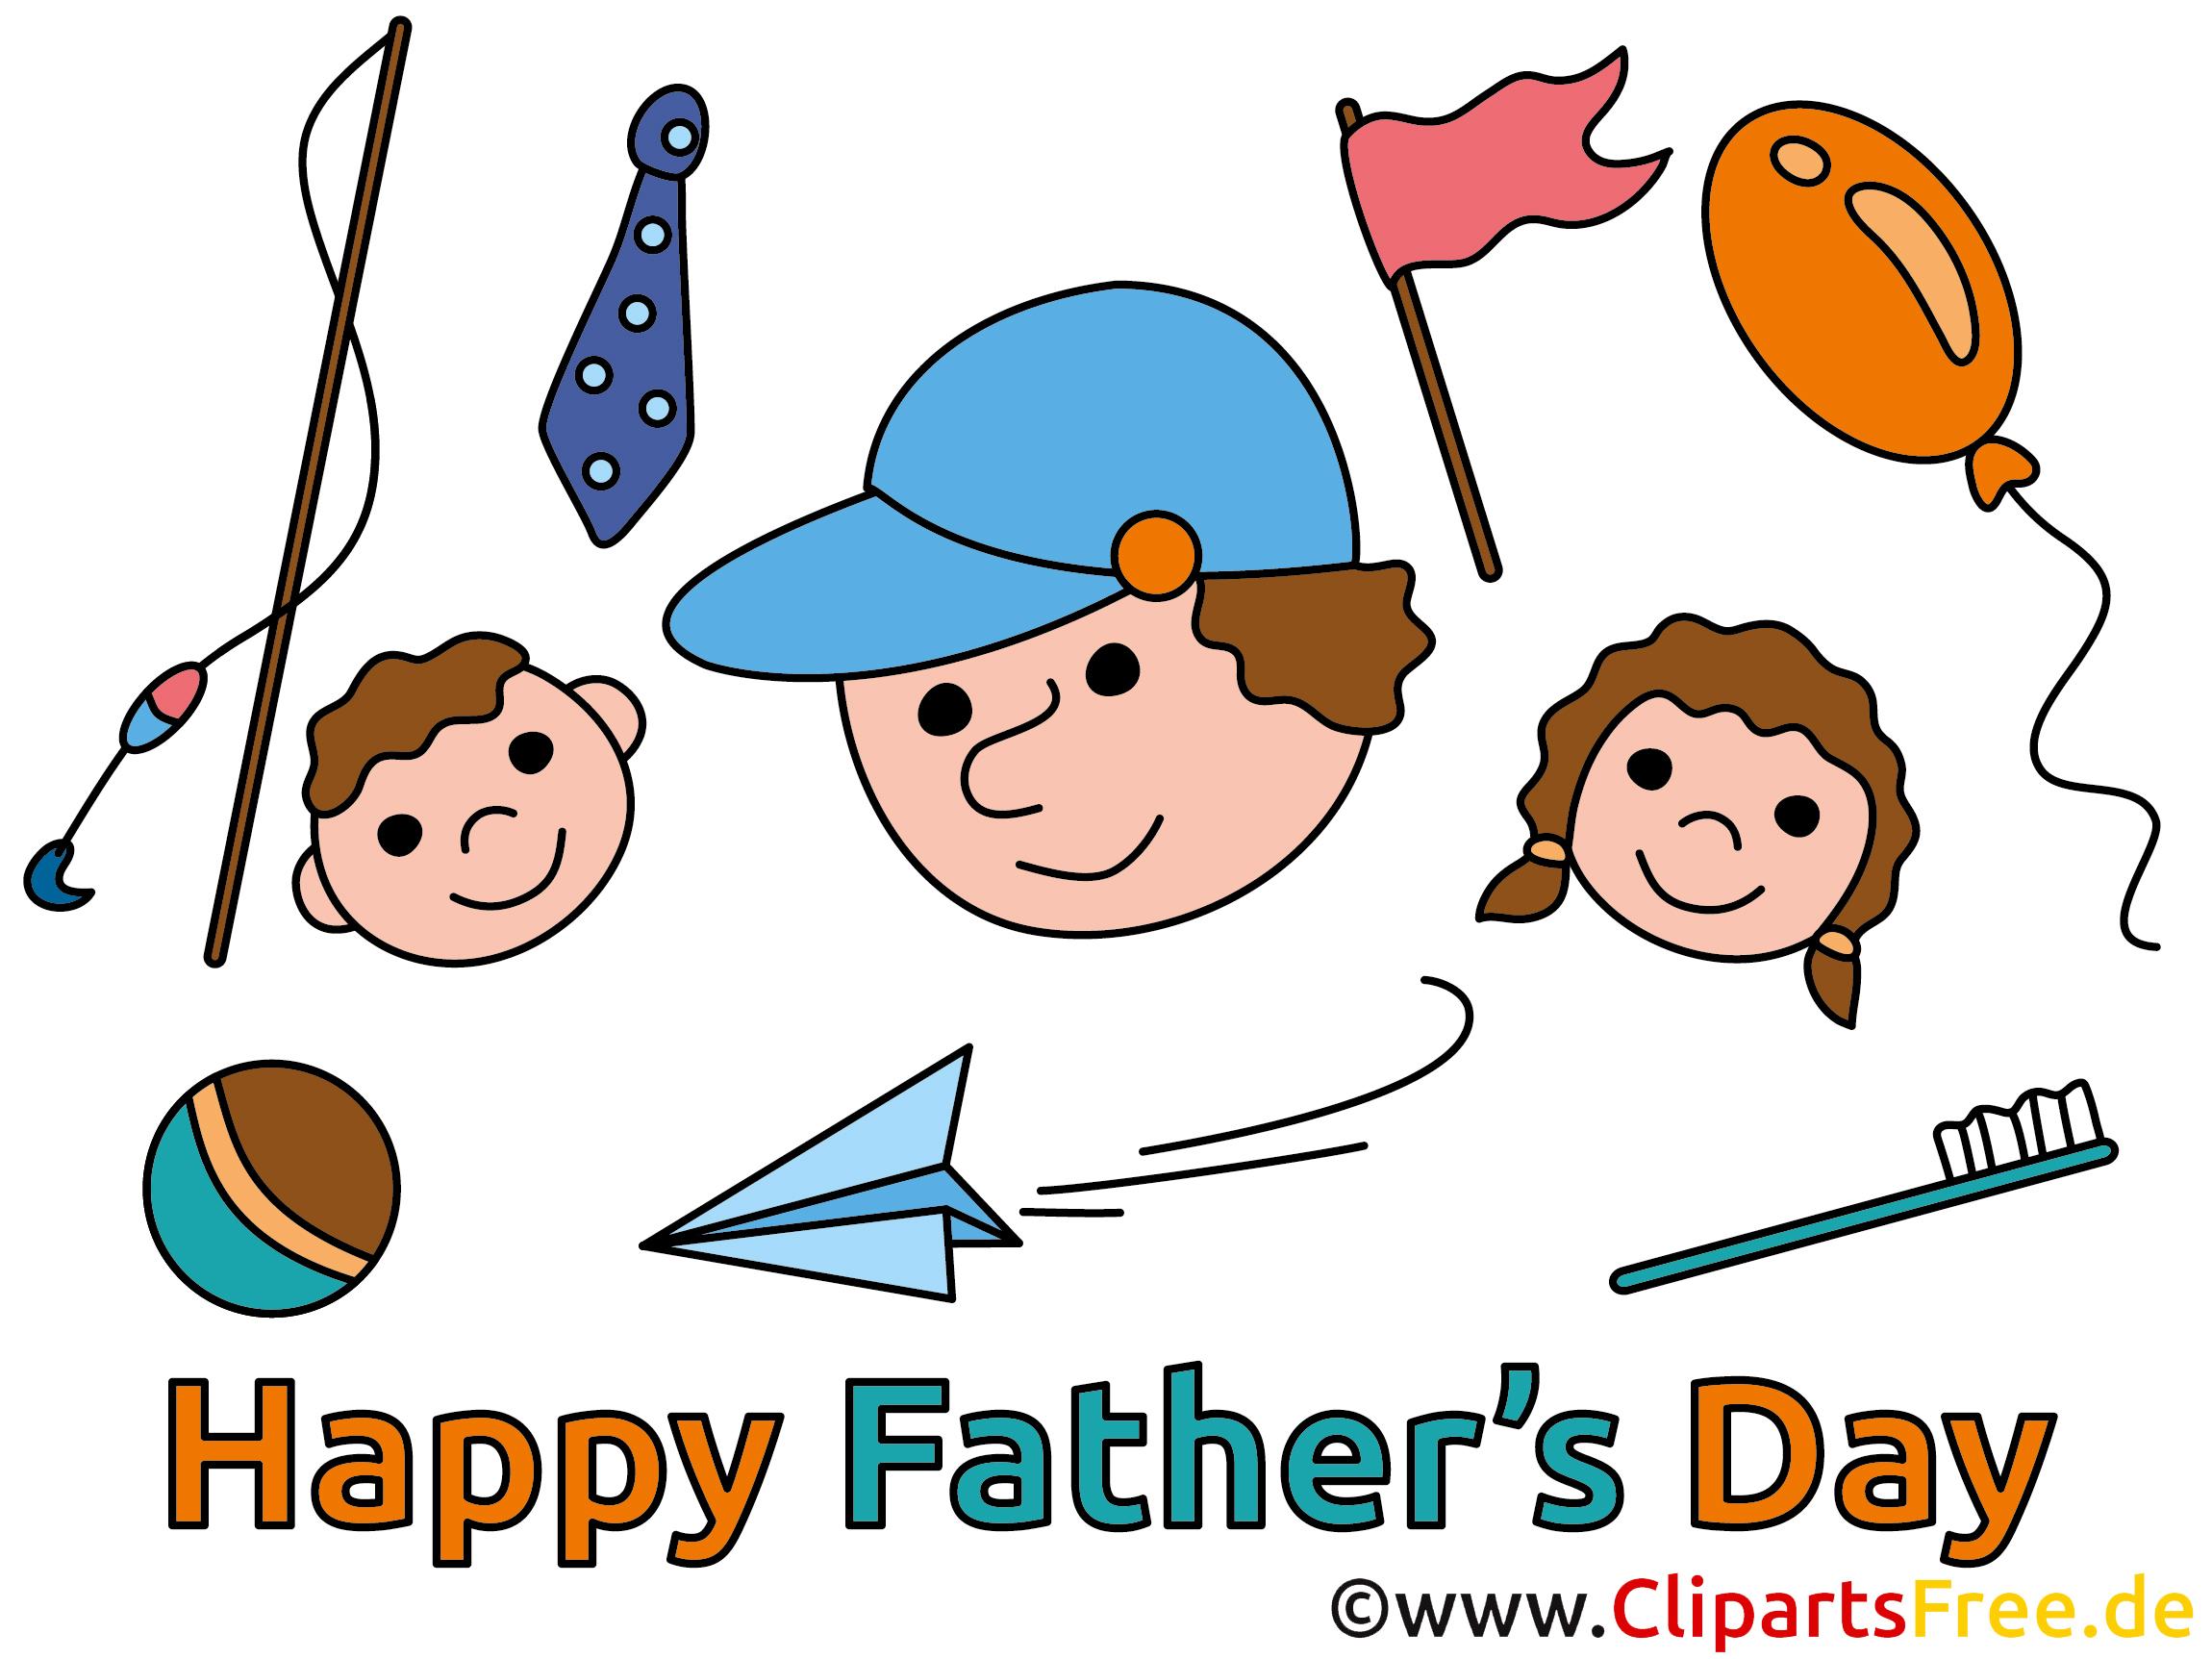 Bilder zum Vatertag in Englisch und Deutsch